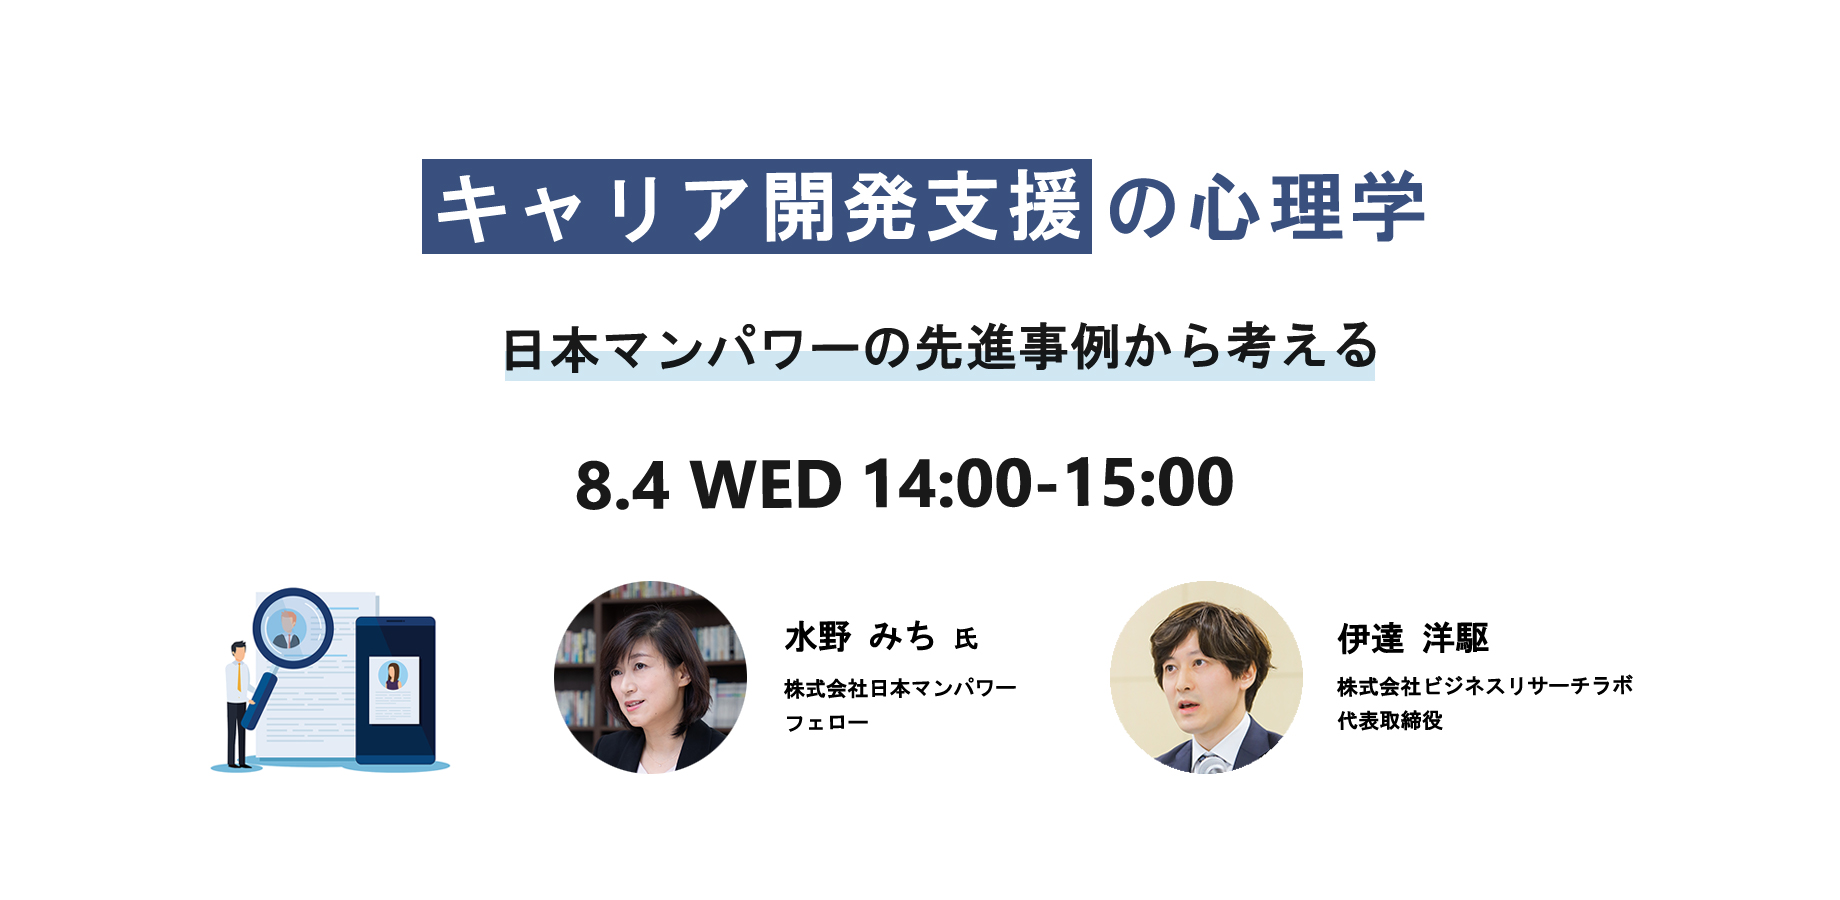 「キャリア開発支援の心理学:日本マンパワーの先進事例から考える」を開催します